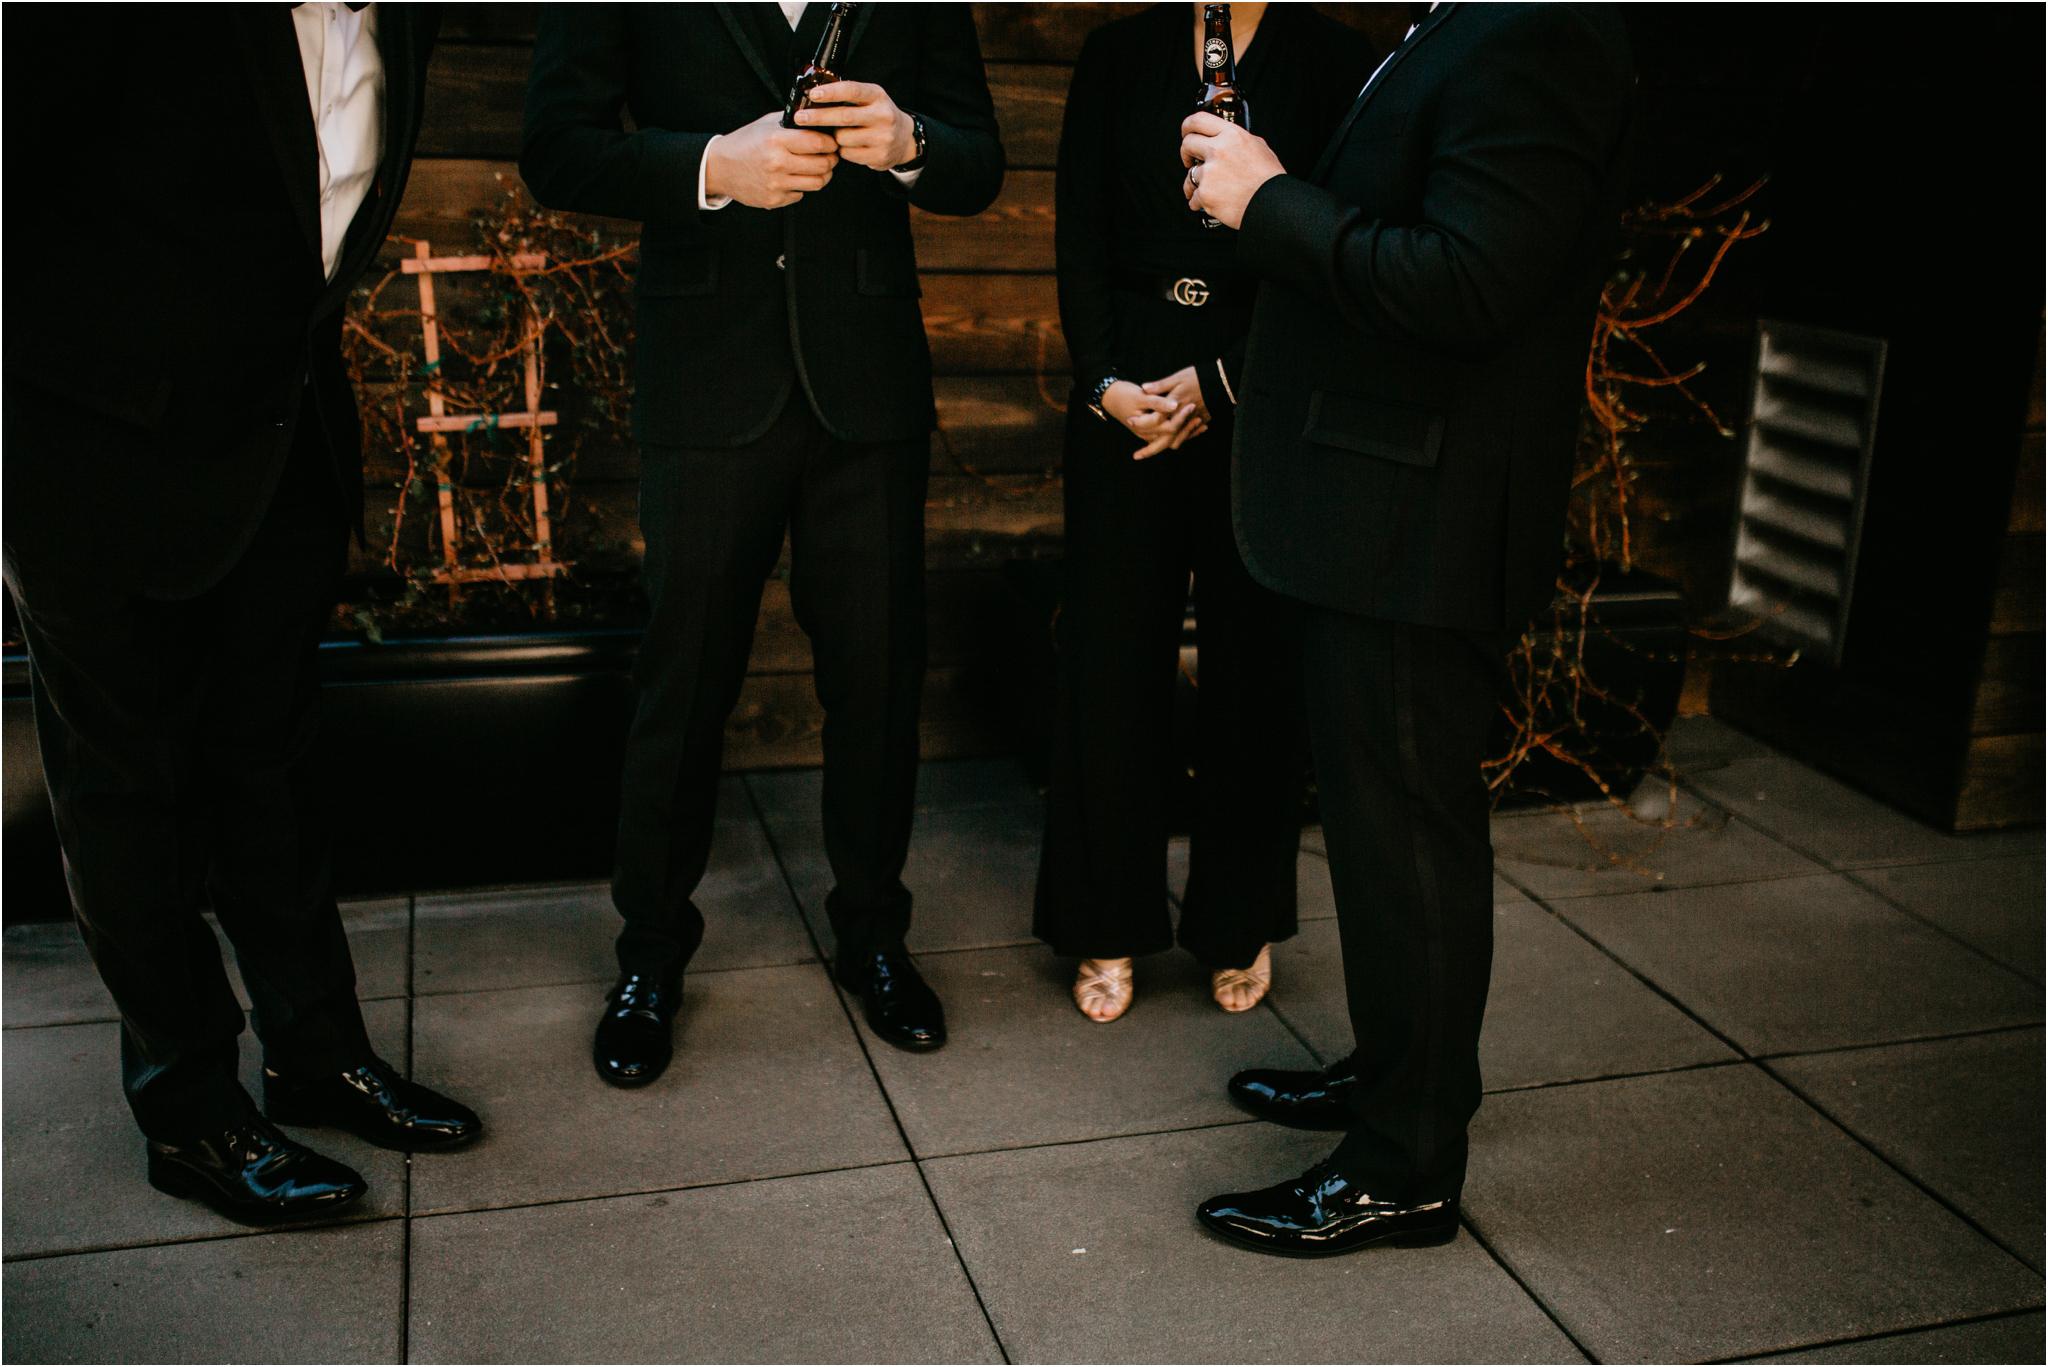 ashley-and-david-fremont-foundry-seattle-washington-wedding-photographer-018.jpg